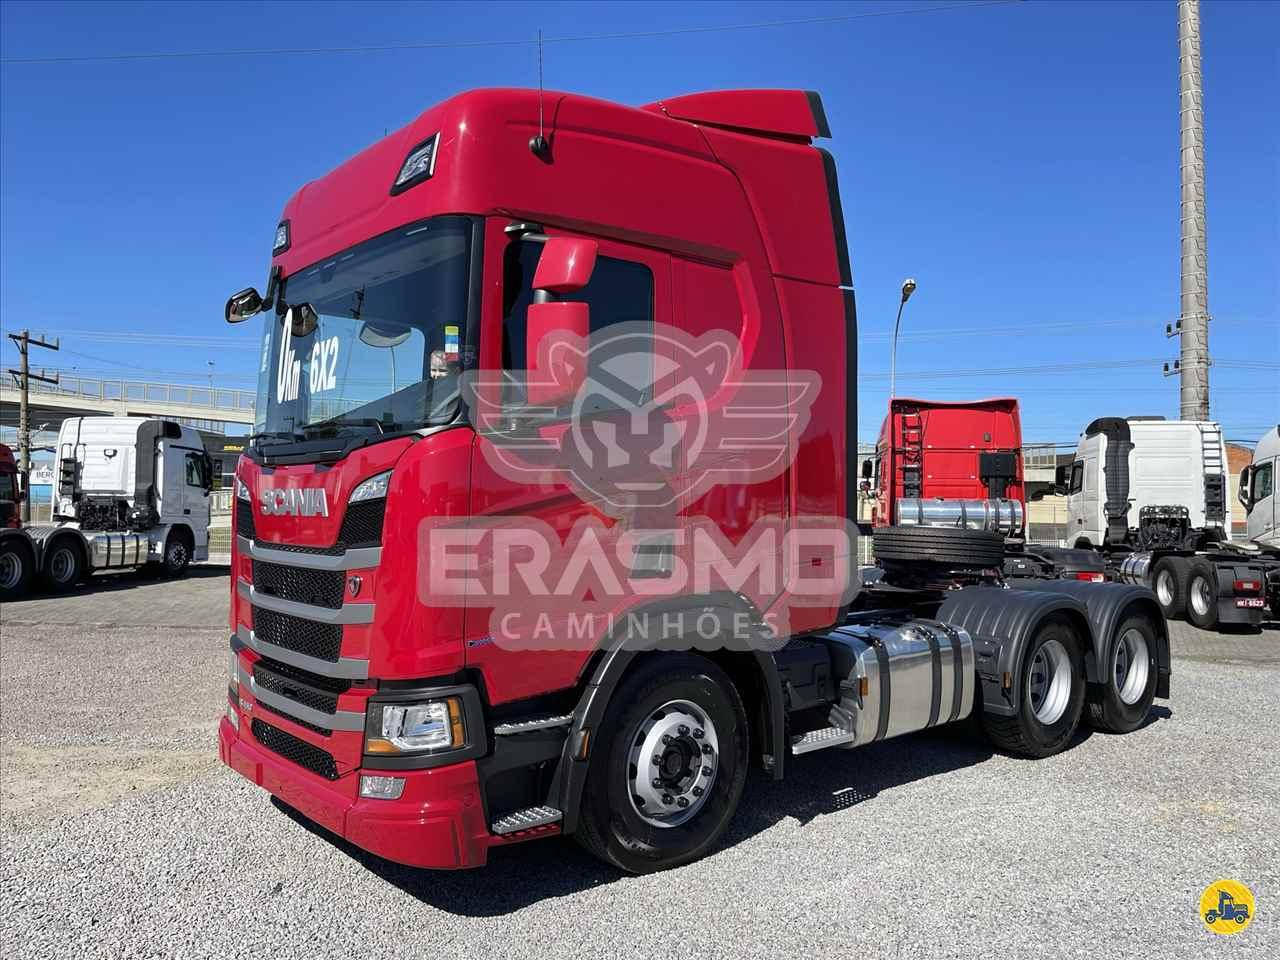 CAMINHAO SCANIA SCANIA 450 Cavalo Mecânico Truck 6x2 Erasmo Caminhões TUBARAO SANTA CATARINA SC